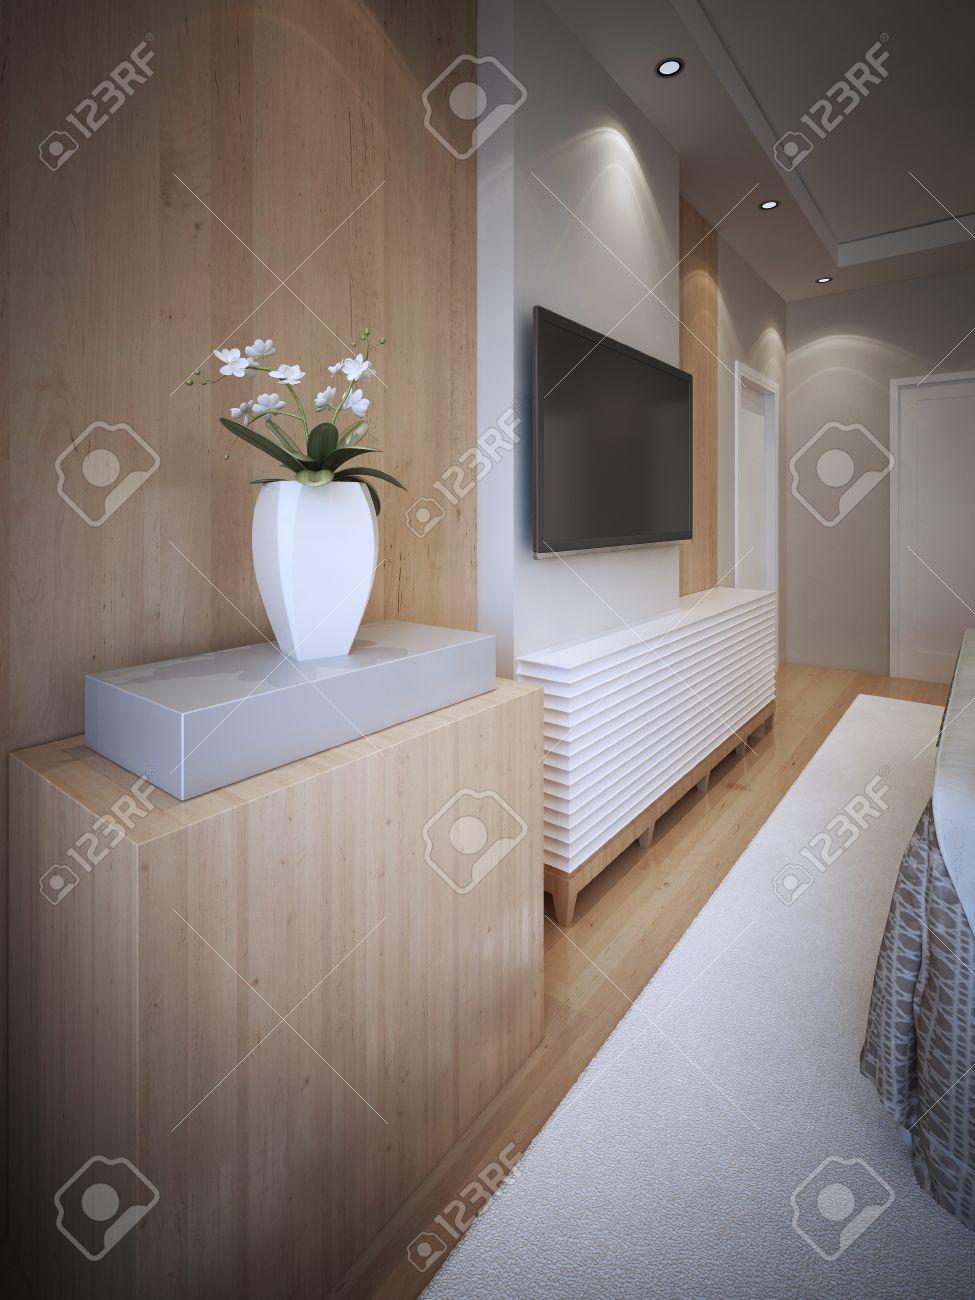 Idée De Lart Déco Chambre Mur De Panneau De Texture En Bois Avec